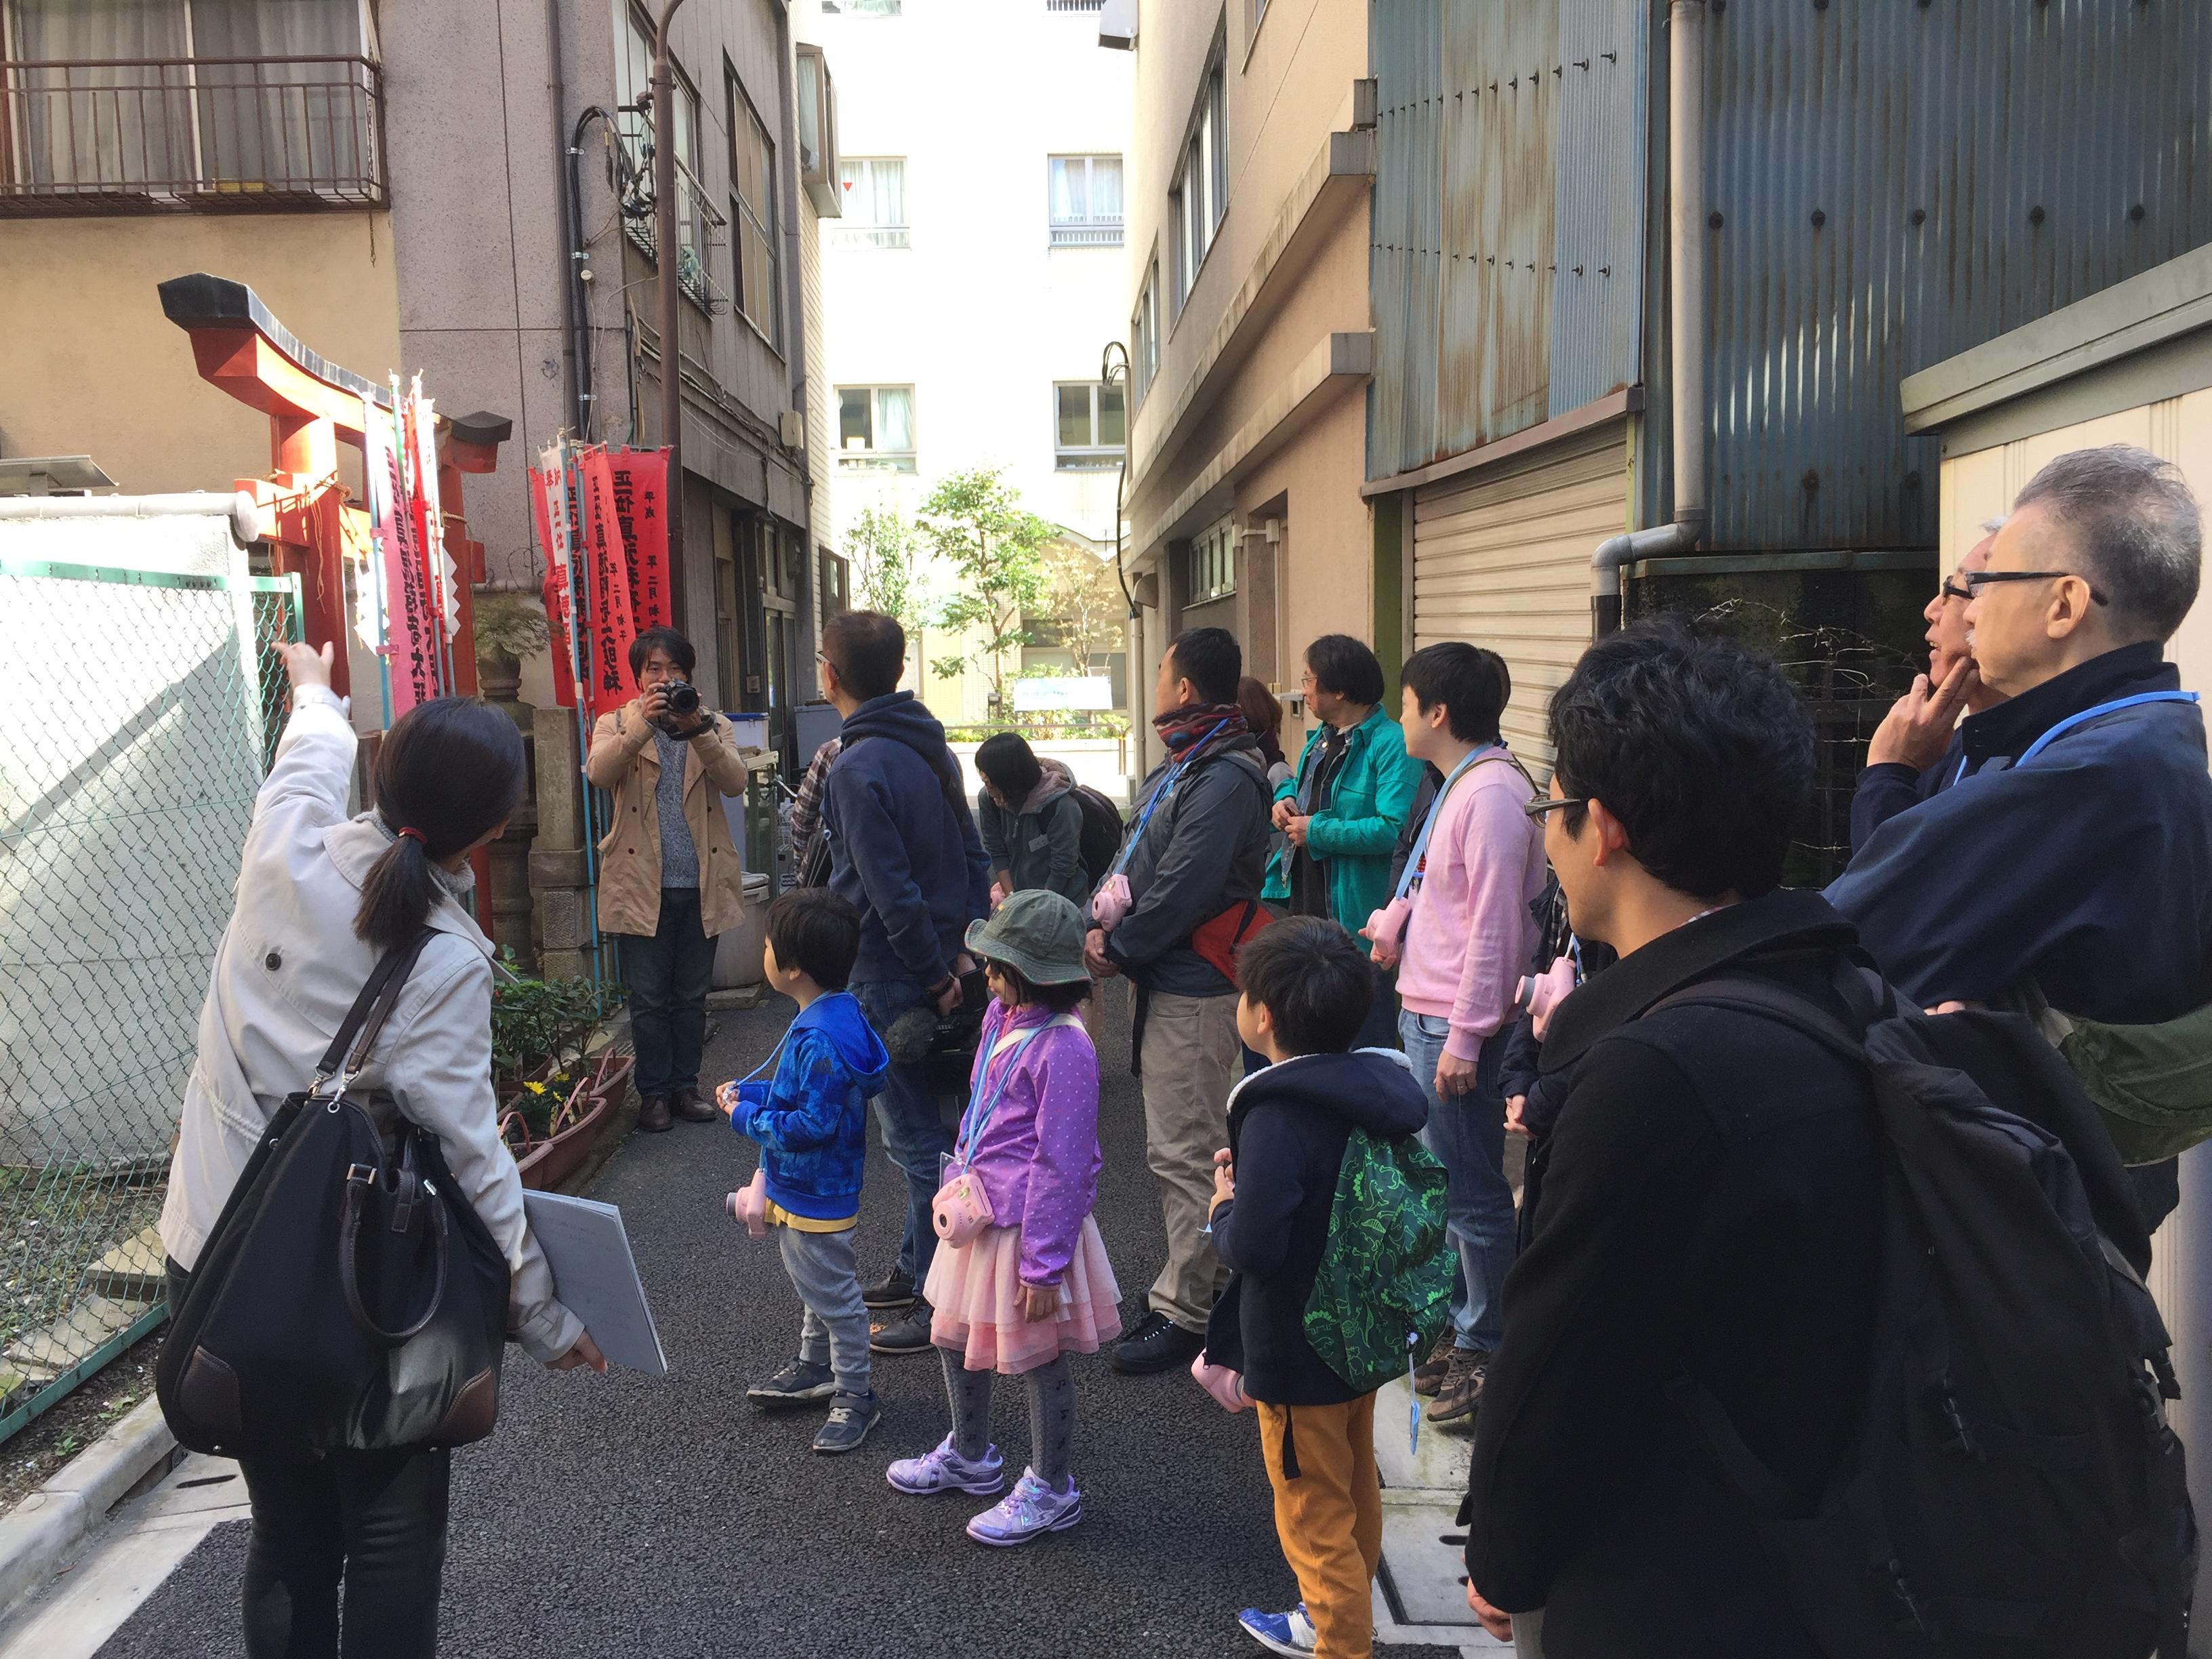 http://ud.t.u-tokyo.ac.jp/blog/_images/IMG_7727.JPG